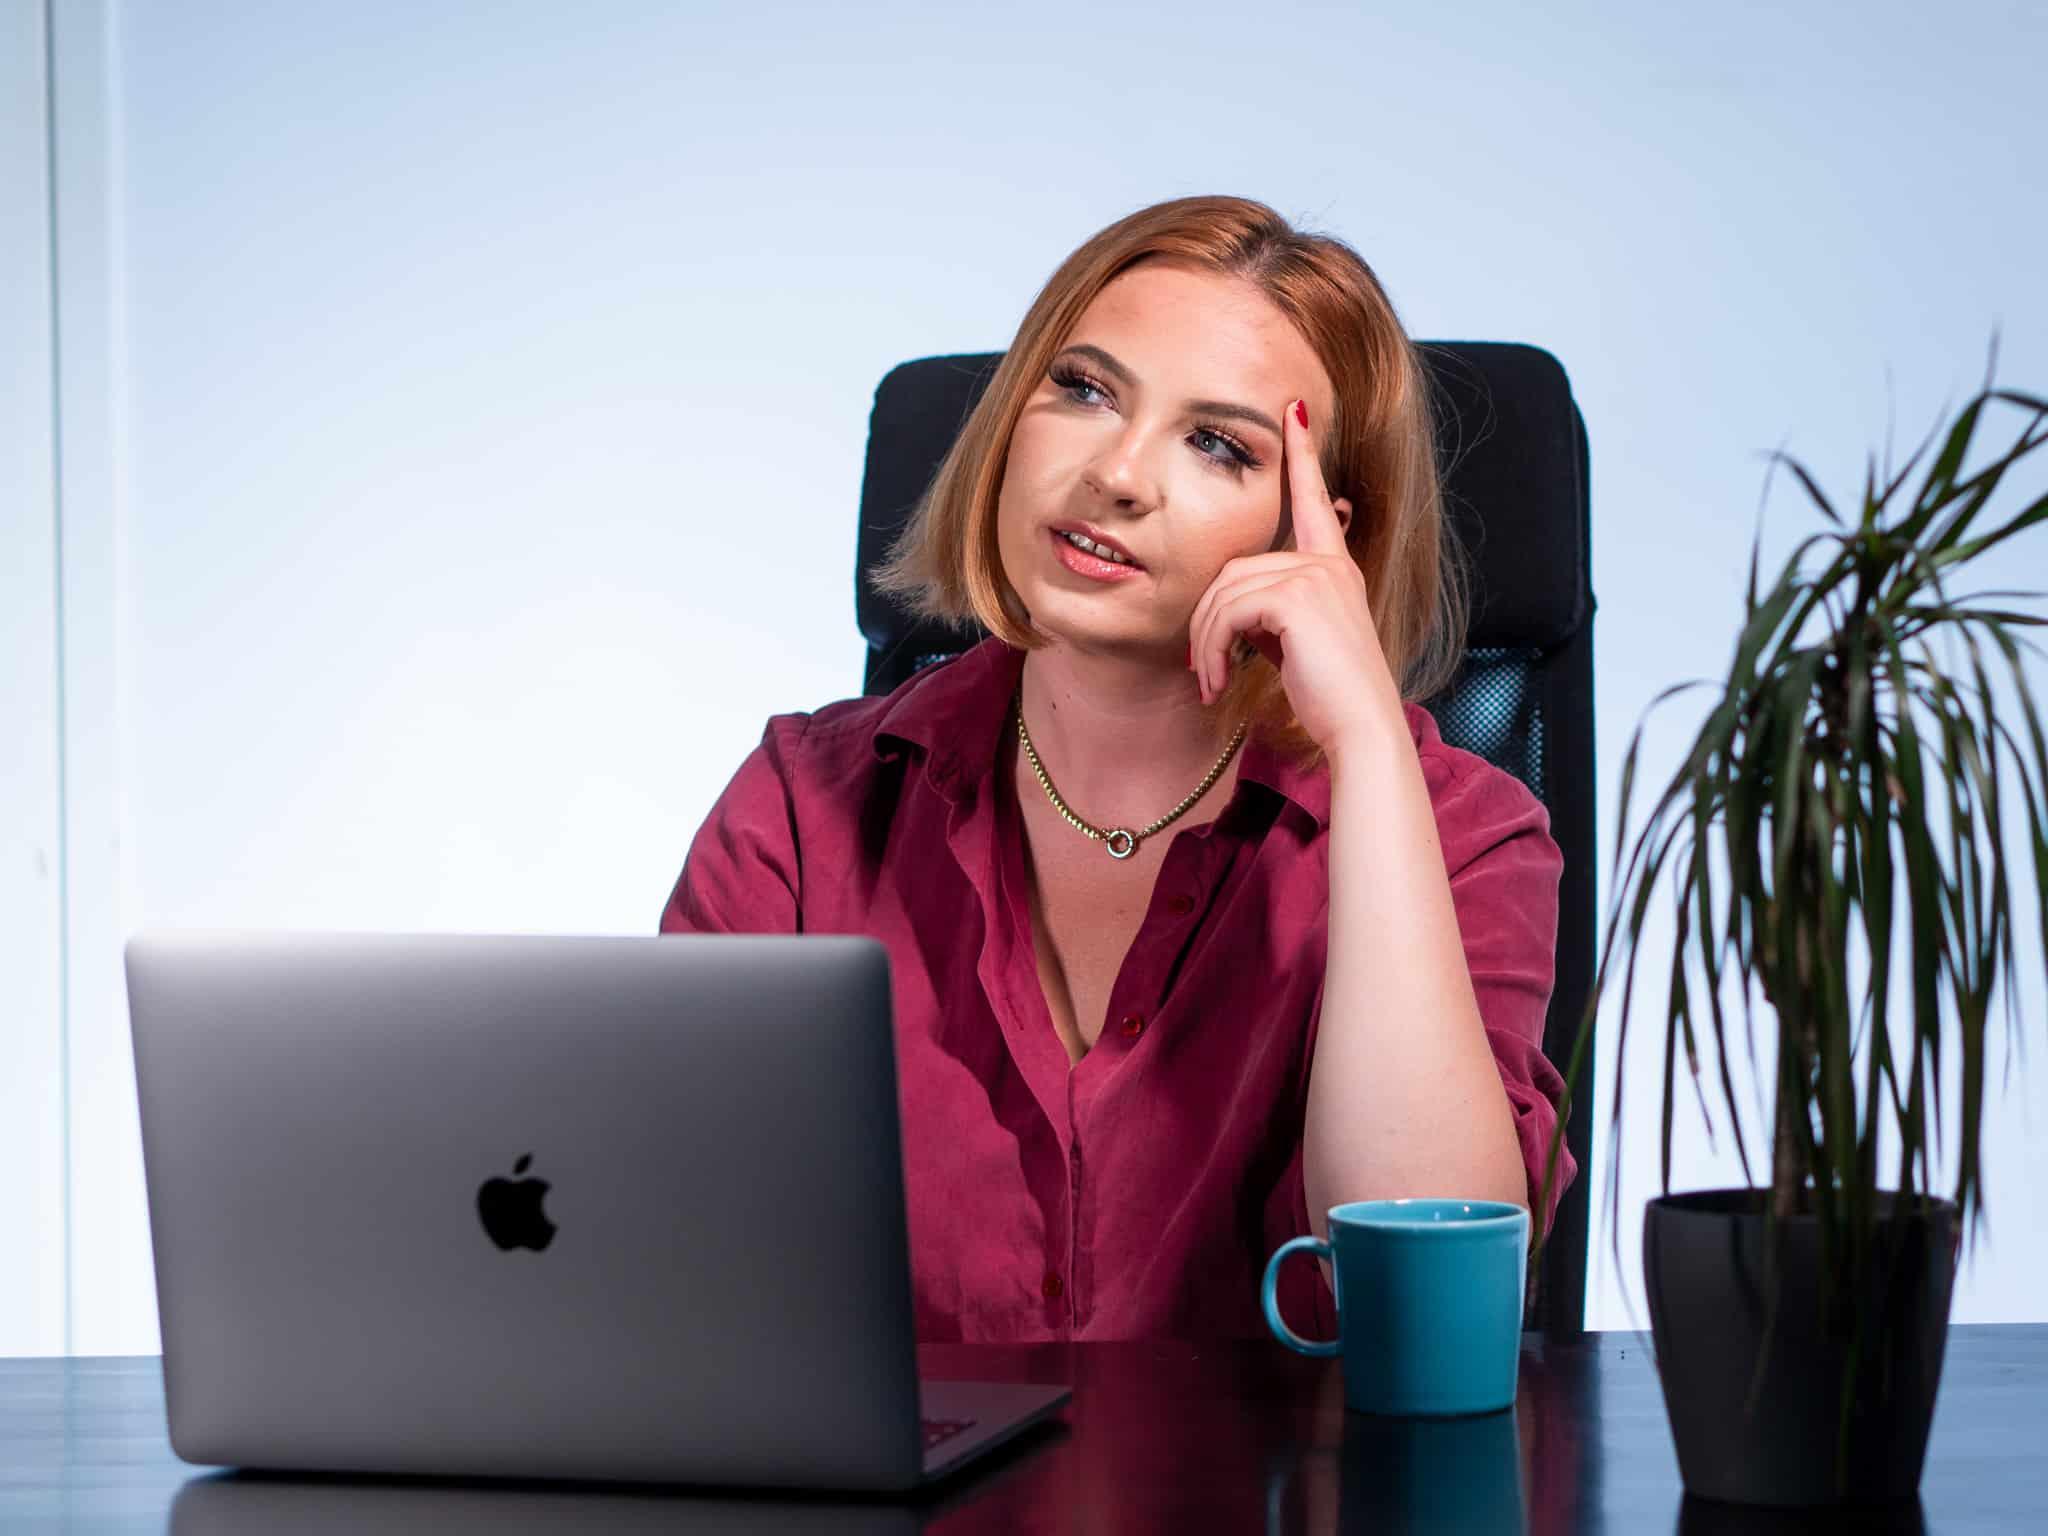 blogi finansowe prowadzone przez kobiety